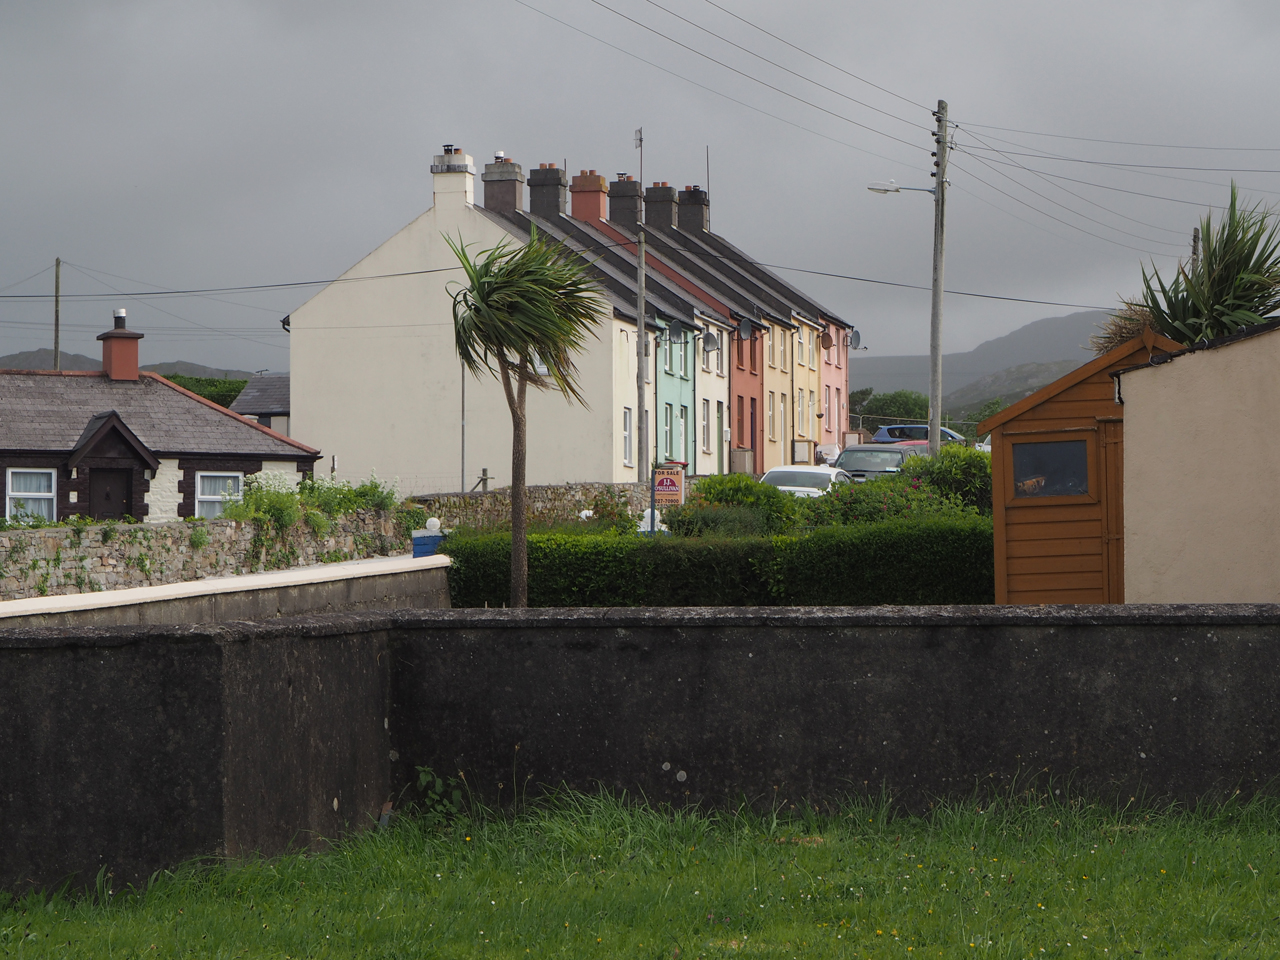 een woonwijk in Castletownbere